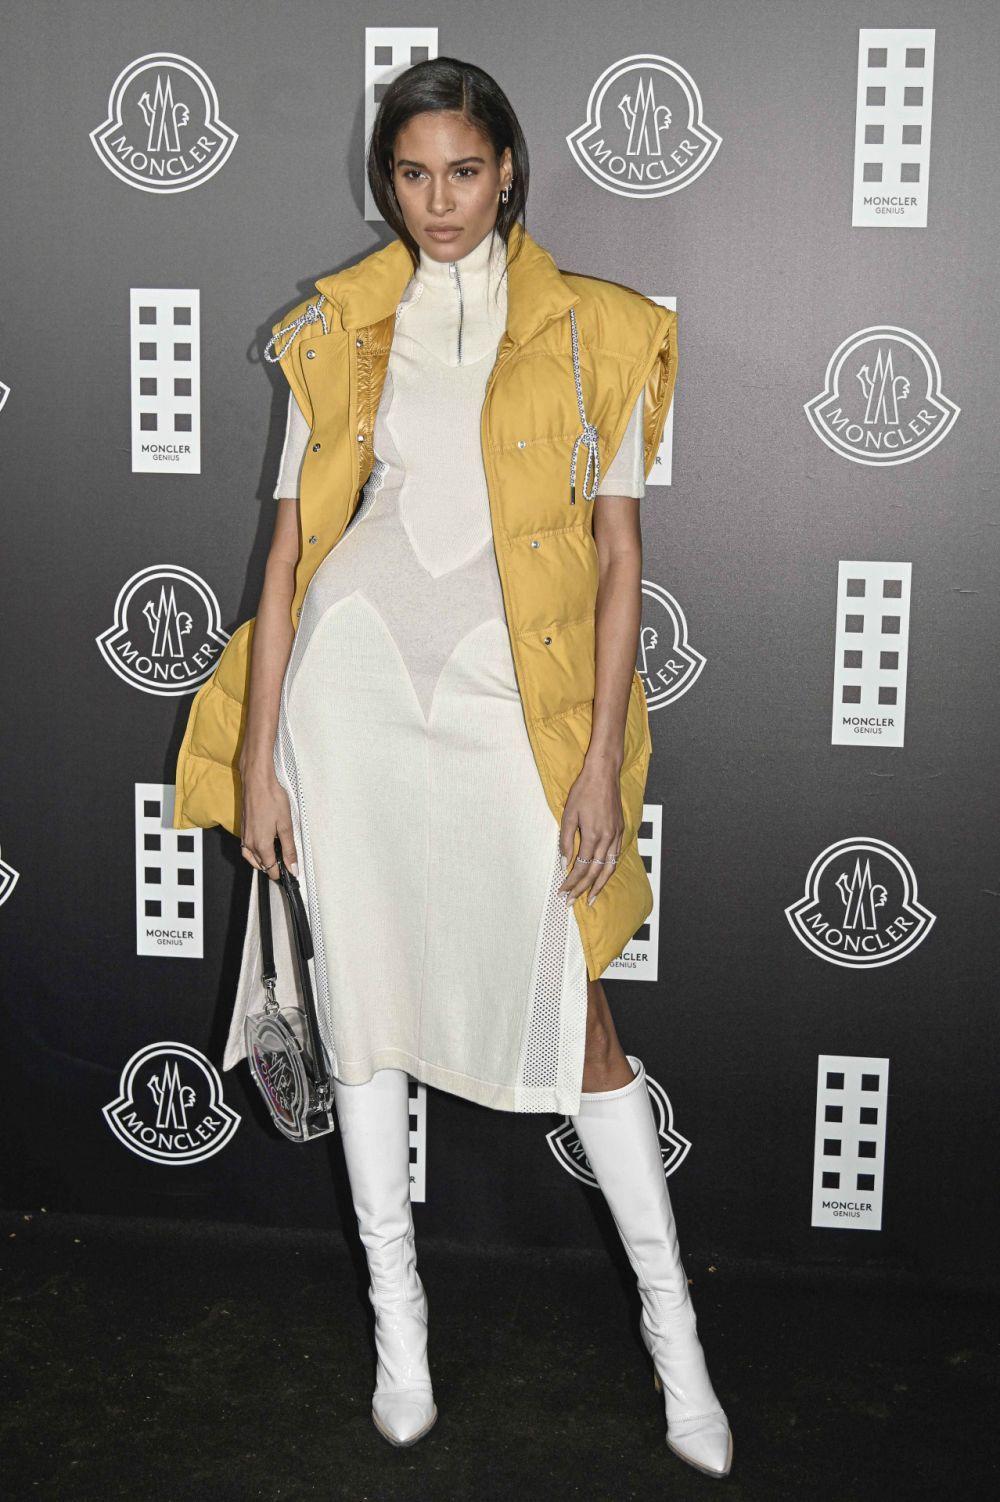 La modelo Cindy Bruna en un evento de Moncler.